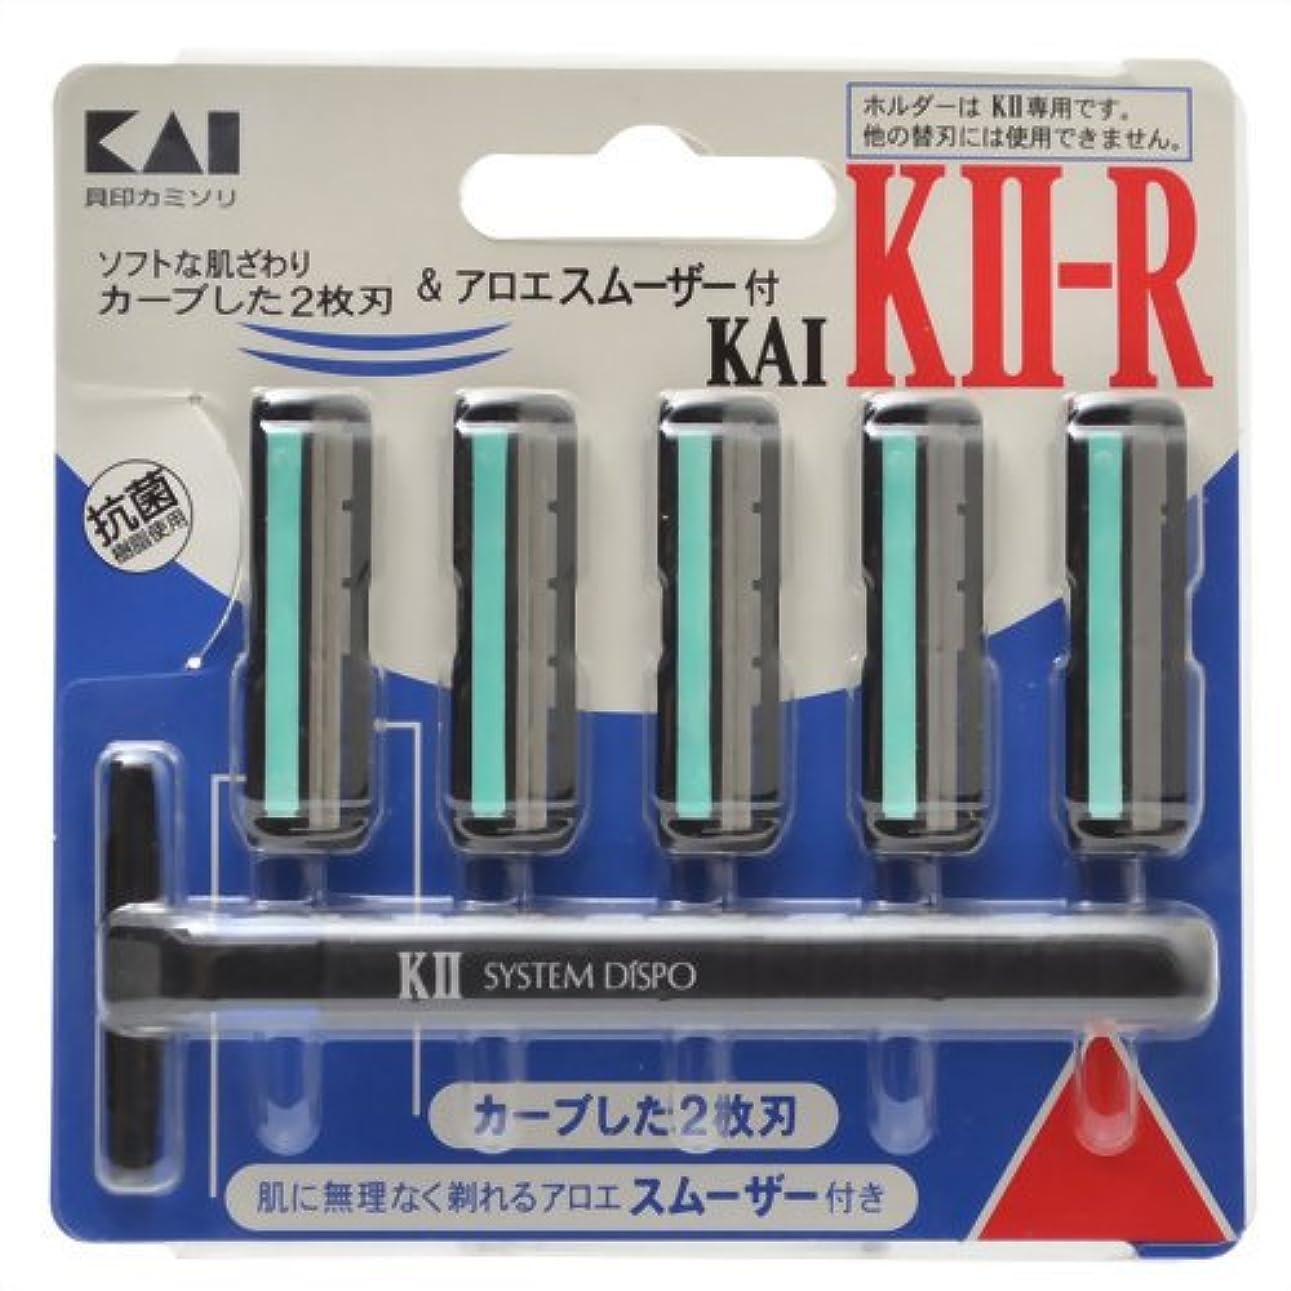 レルム調整多数の貝印 KAI KII-R ひげそり用カミソリ アロエスムーザー付